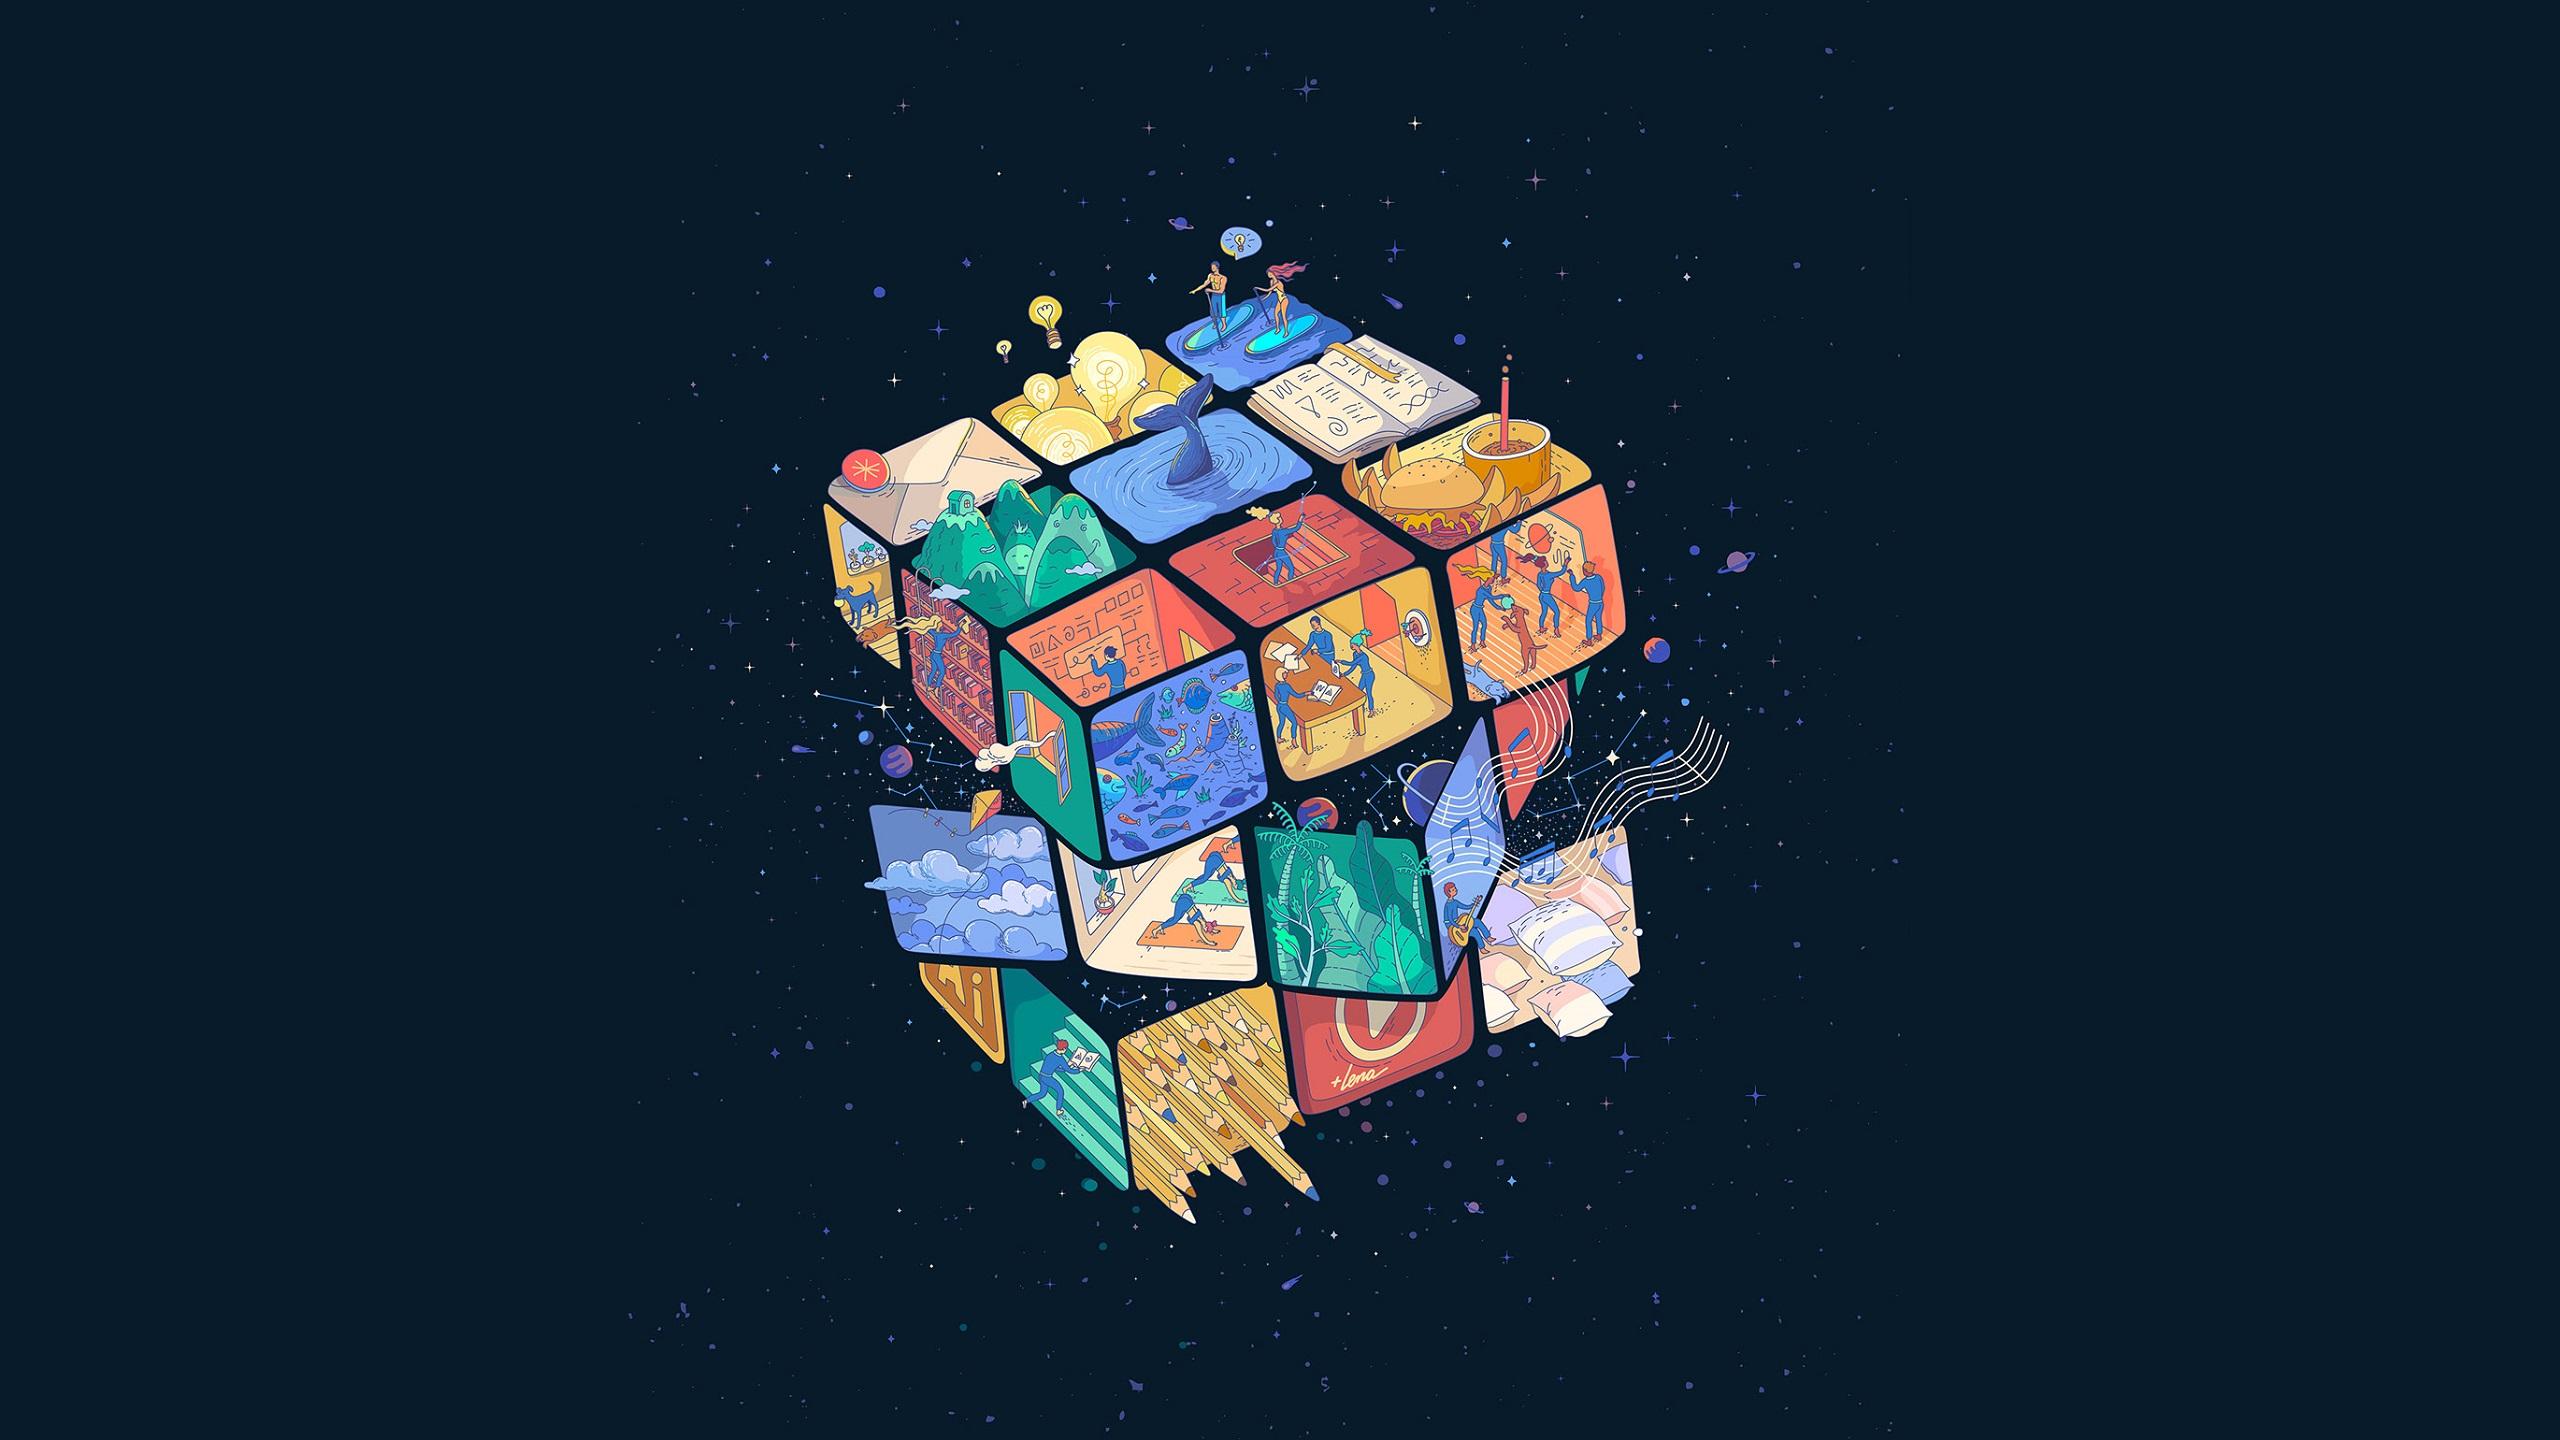 картинки на телефон кубик рубик фотоподборки